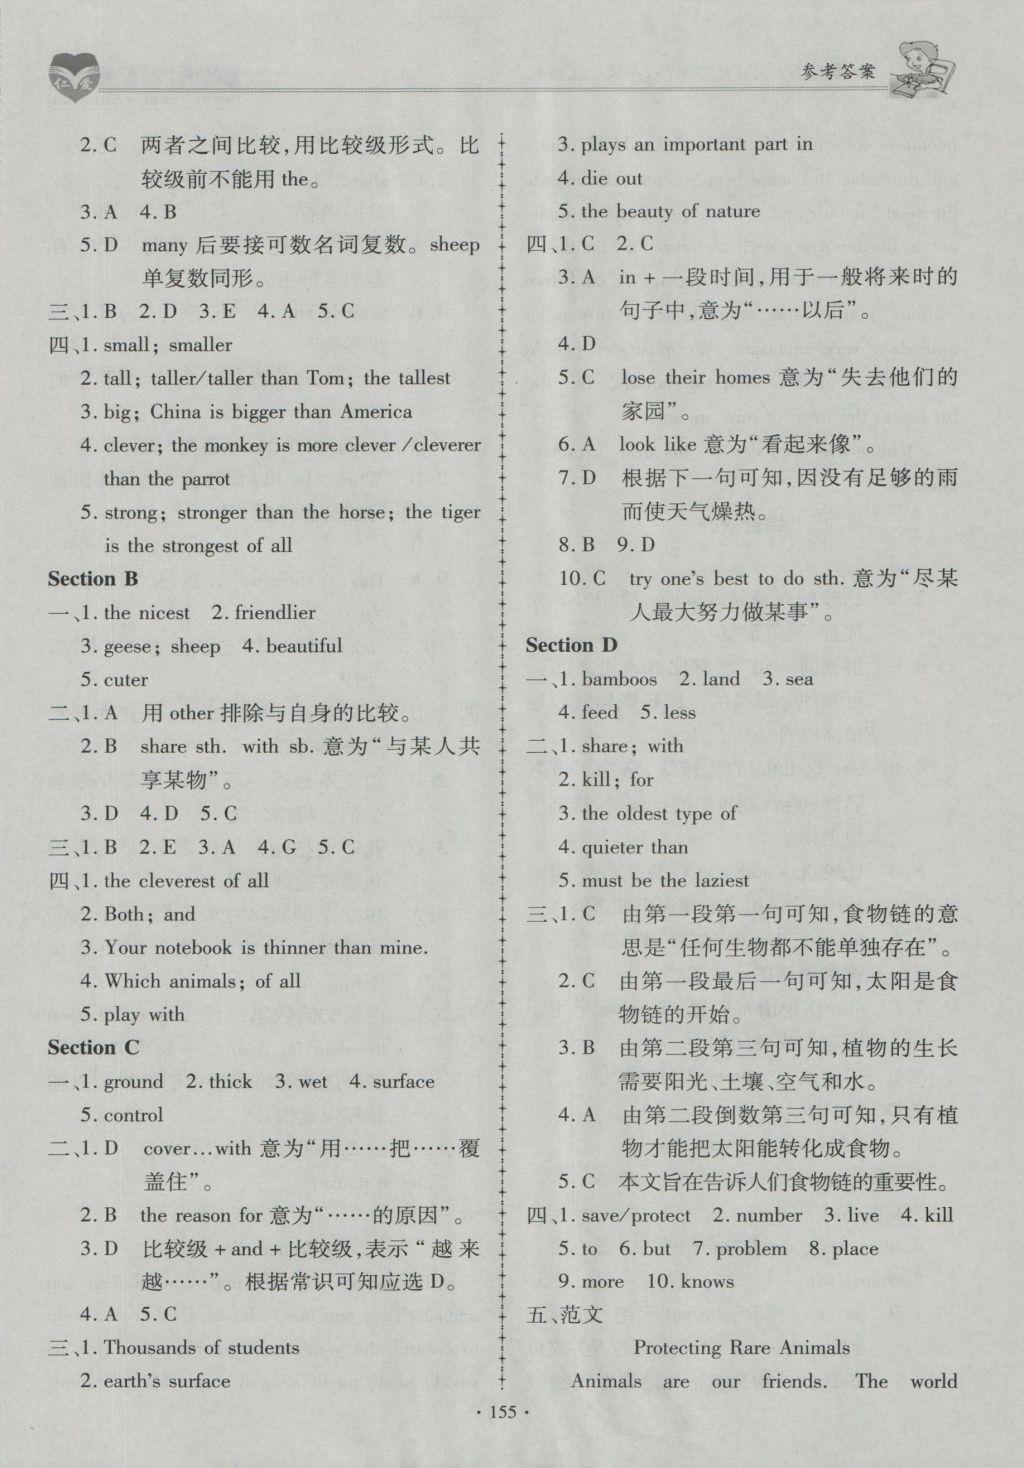 2016年仁爱英语同步练习册八年级上册E参考答案第25页